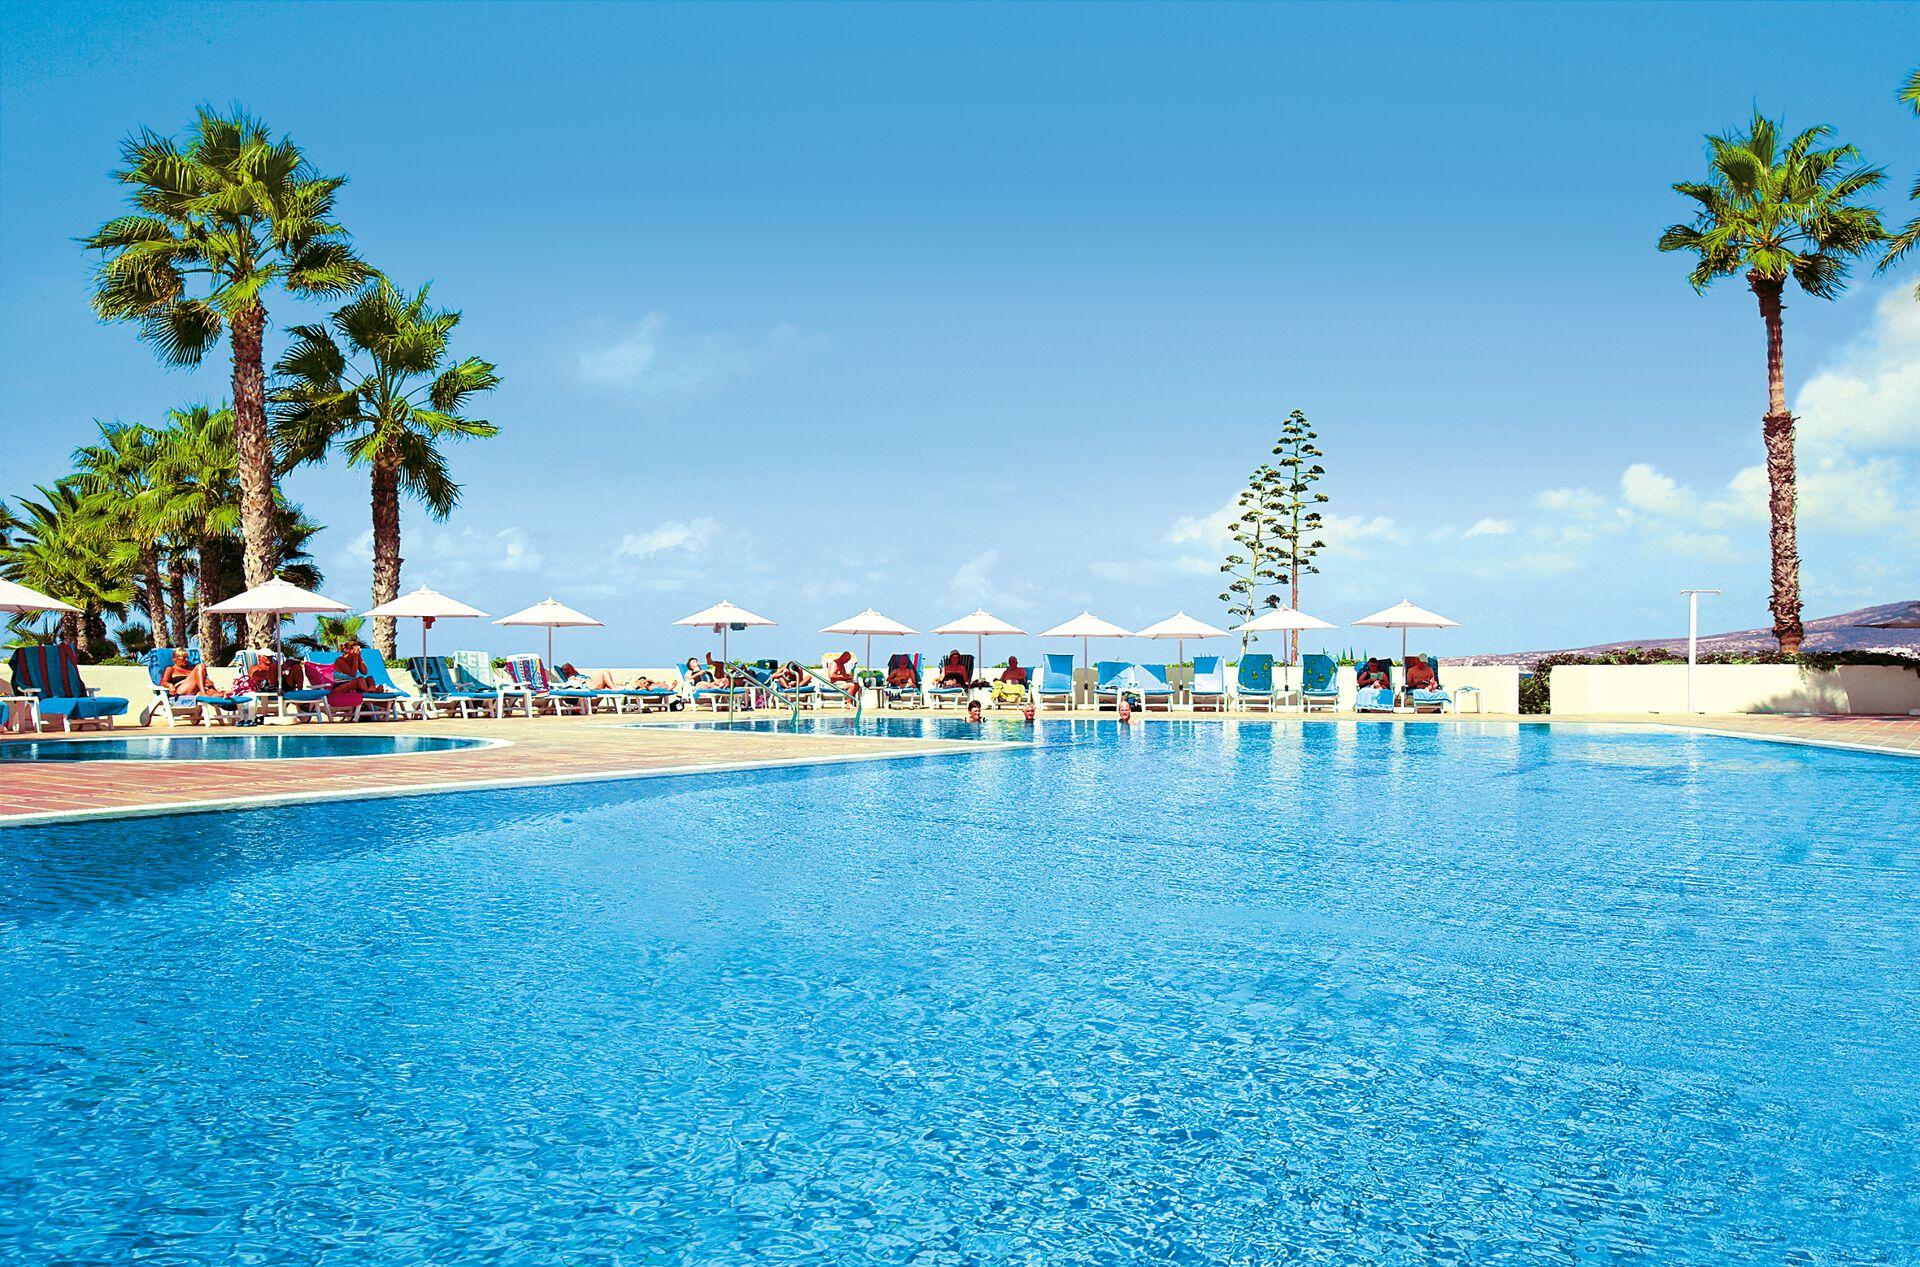 cynthiana beach hotel - 3*